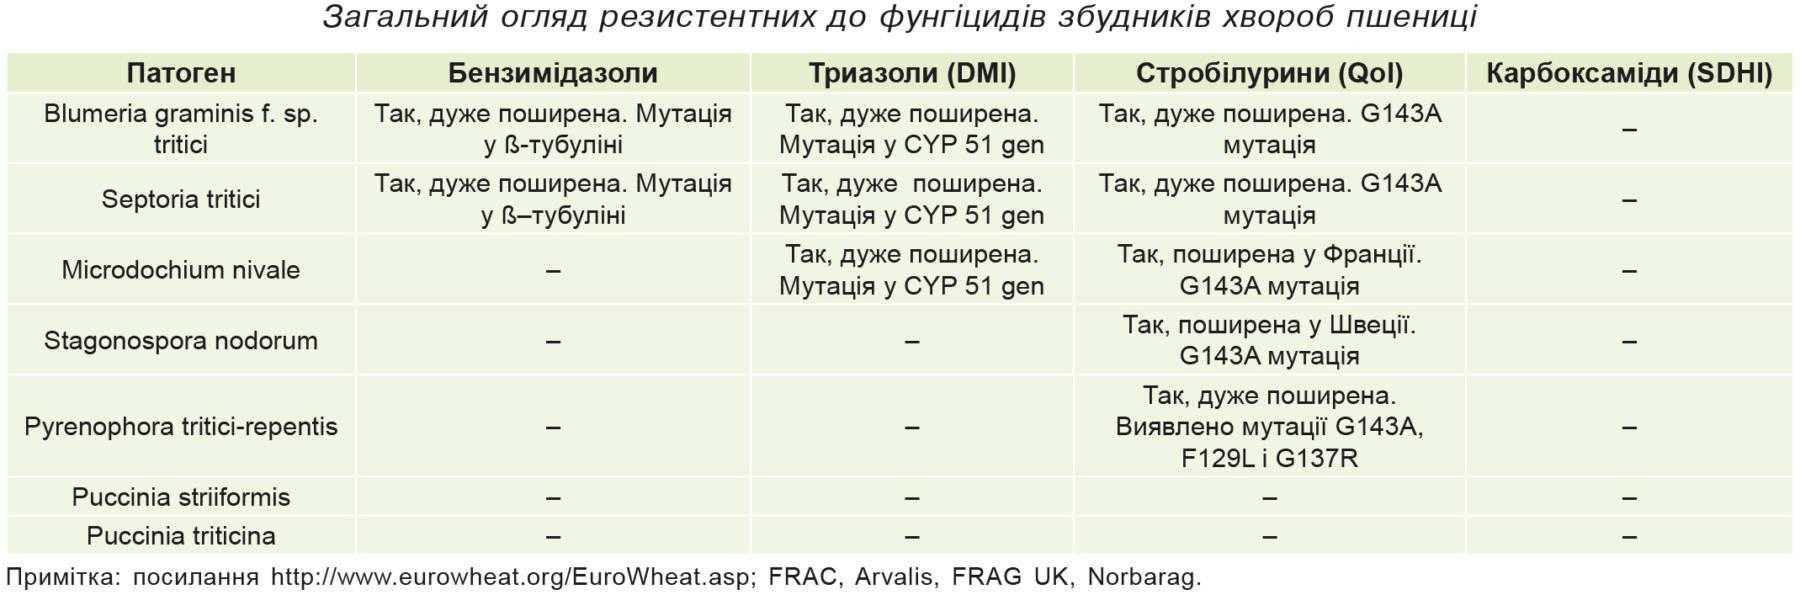 Загальний огляд резистентних до фунгіцидів збудників хвороб пшениці